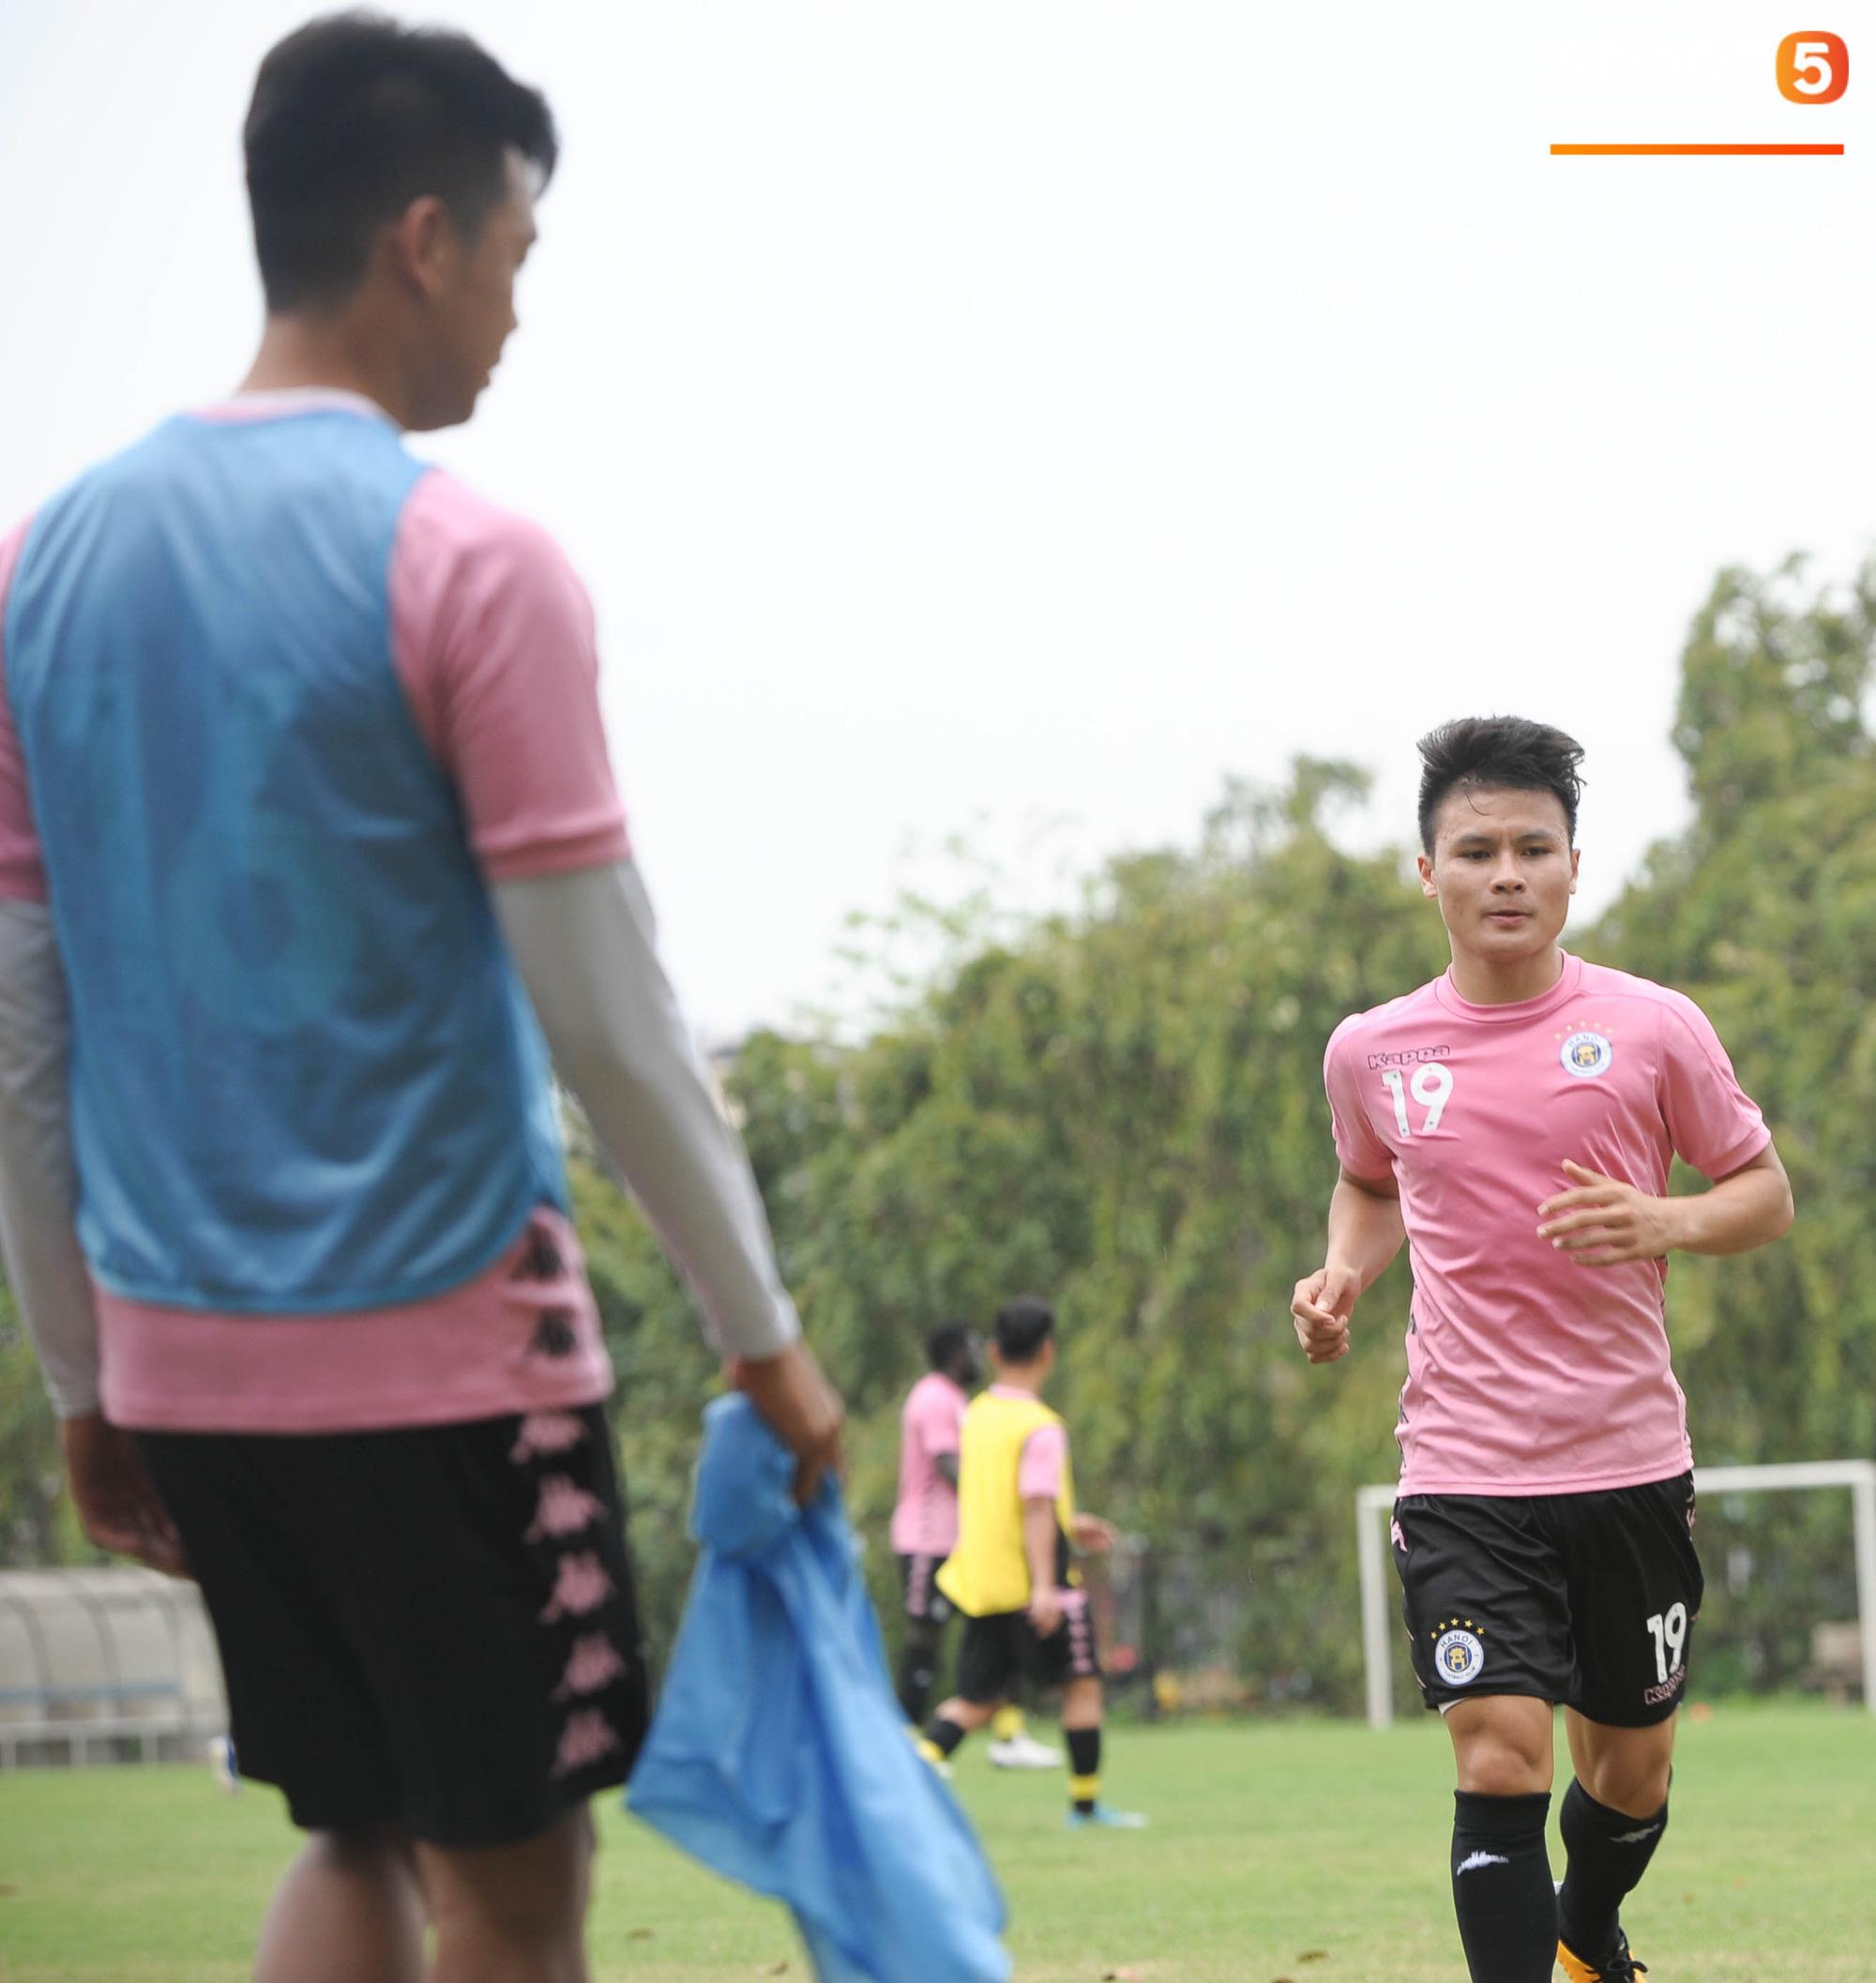 Thành Chung bịt kín mặt, hóa trọng tài biên bất đắc dĩ trong buổi tập chiều 25/3 của Hà Nội FC - Ảnh 4.